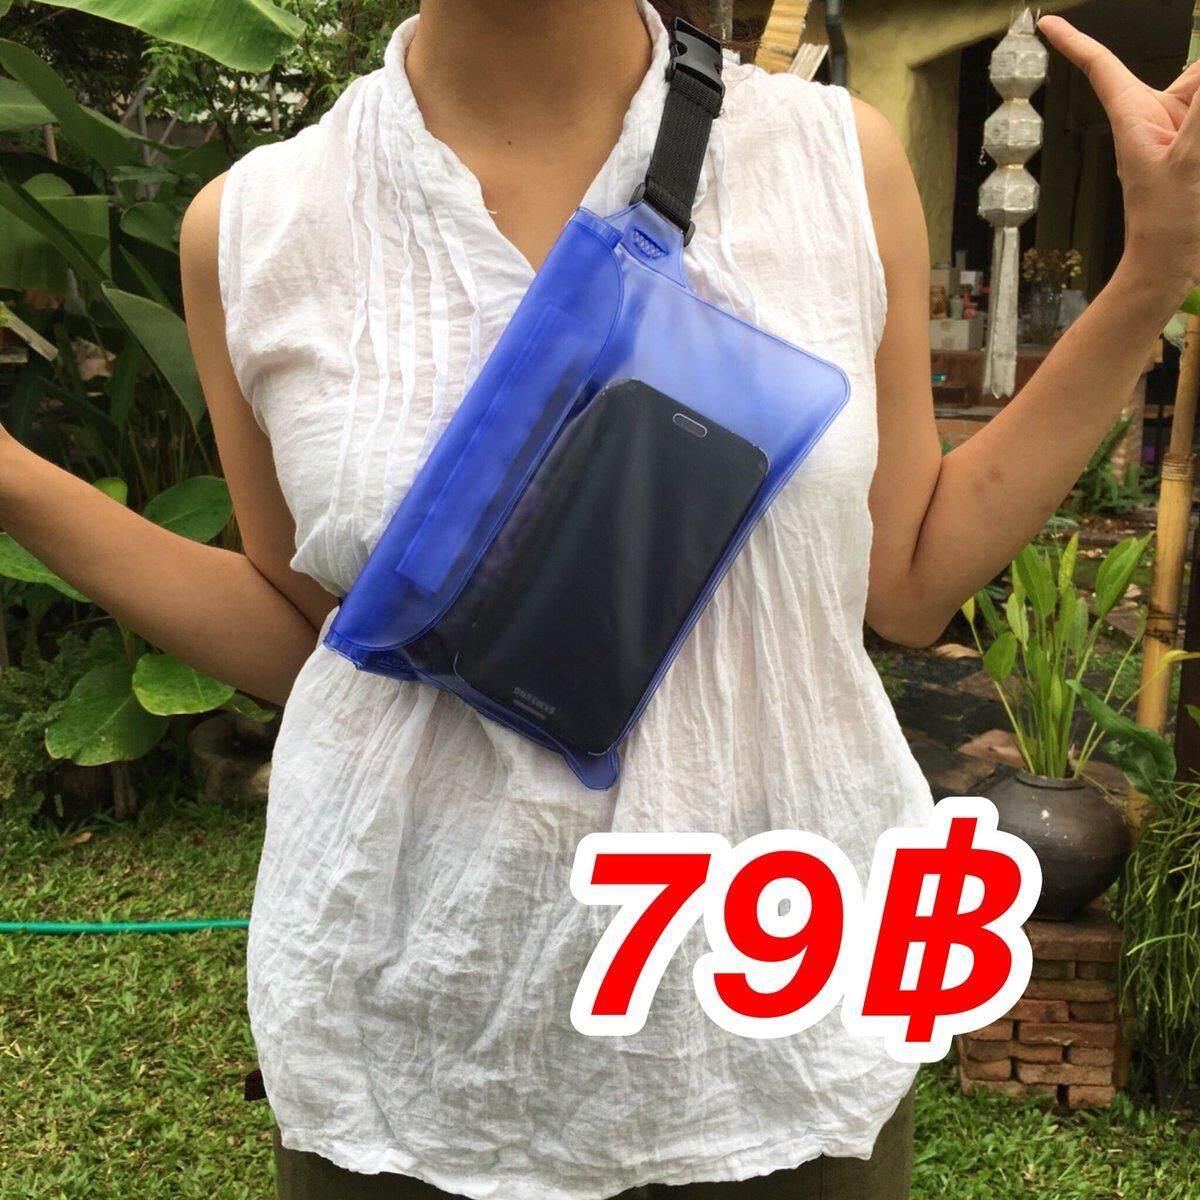 กระเป๋ากันน้ำ กระเป๋าใส่มือถือกันน้ำ สงกรานต์ ระบบซิปล็อก 3 ชั้นป้องกันน้ำซึมเข้าอย่างสูงสุด ( สุ่มสี ) By C & P Shop.